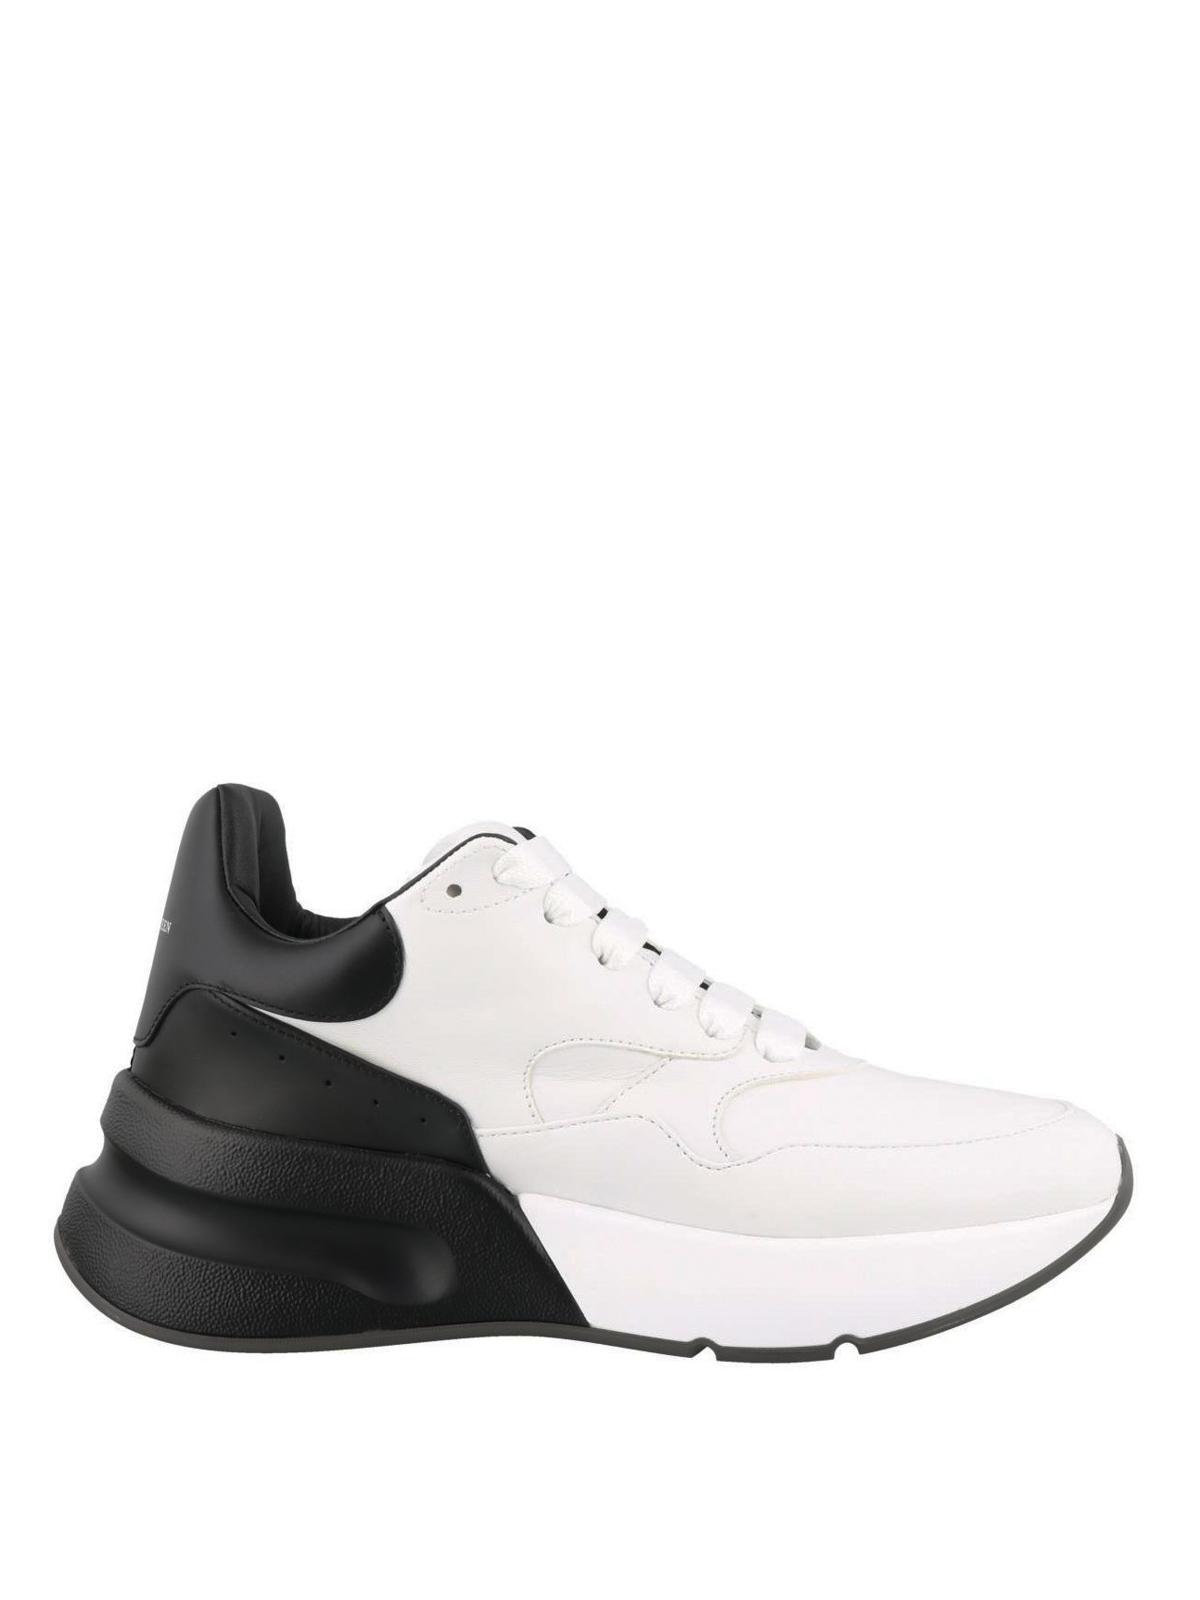 Alexander Mcqueen - Baskets - Runner Oversize - Chaussures de sport ... 5508099cc2f